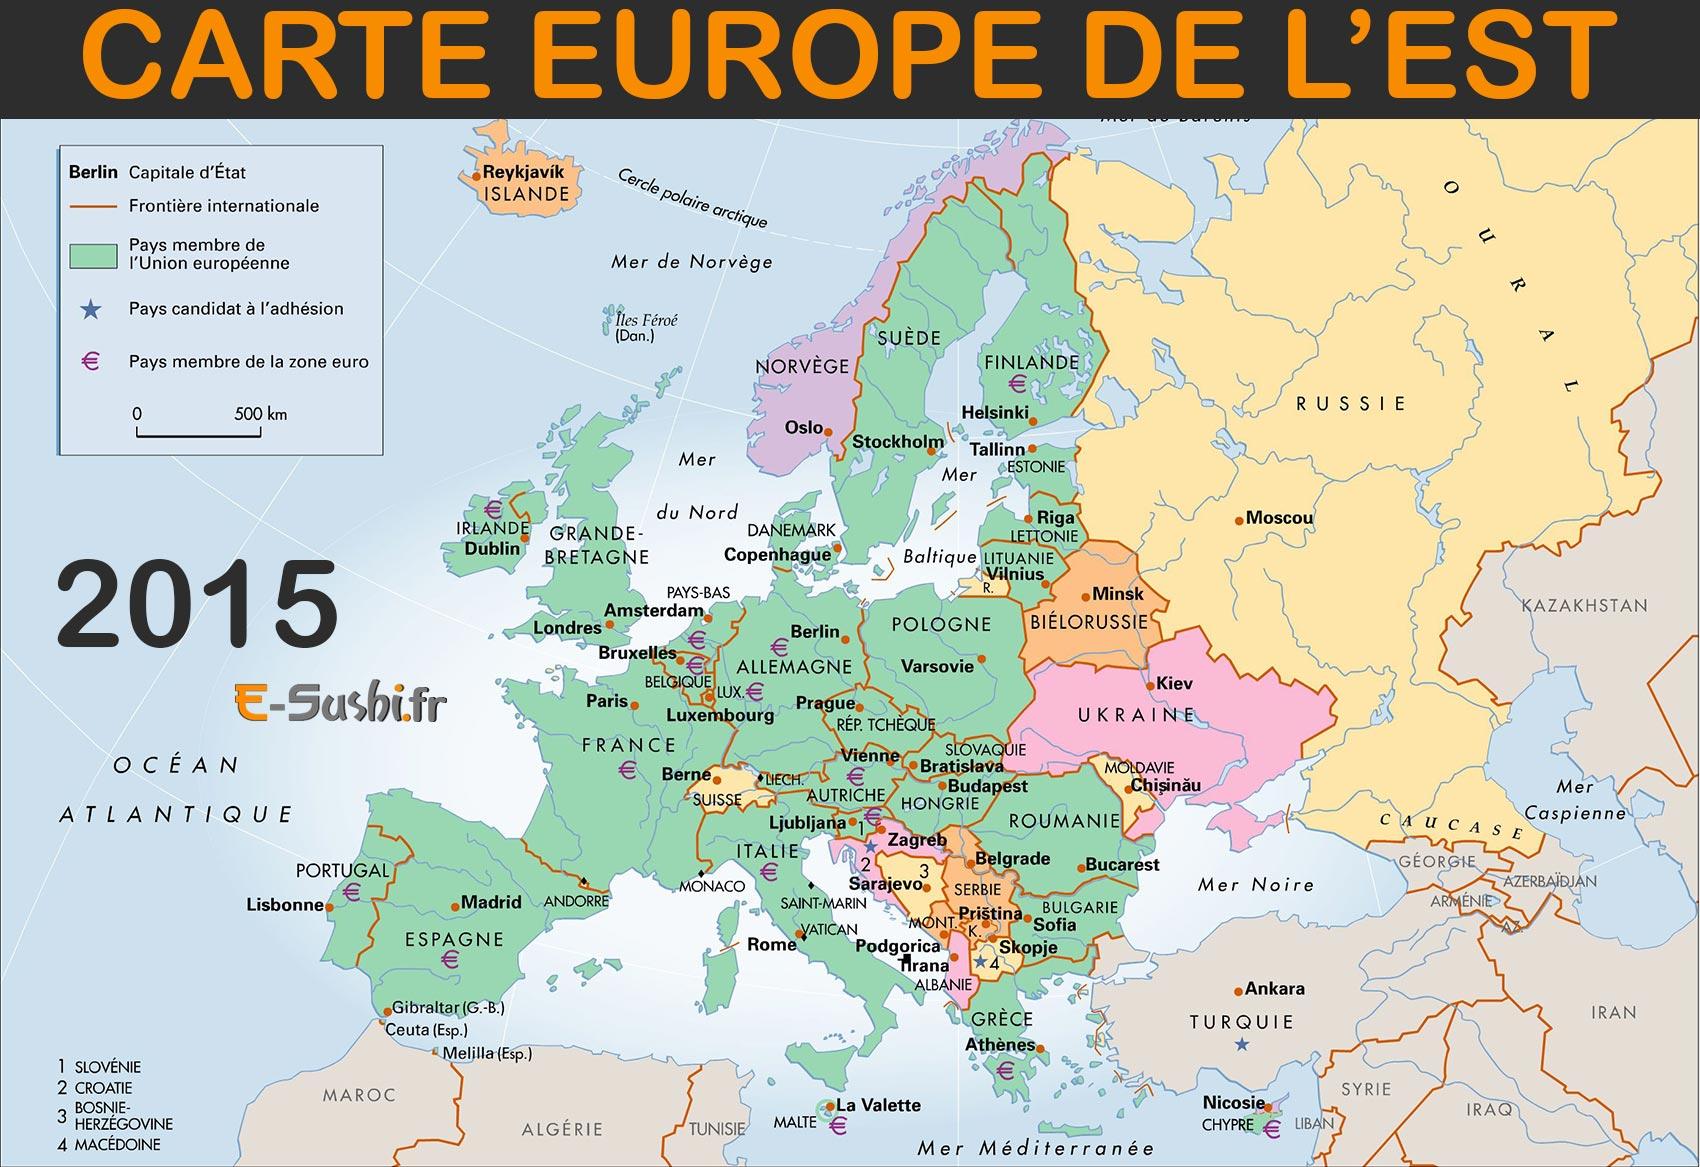 Carte Europe De L'est - Images Et Photos - Arts Et Voyages dedans Carte Europe Pays Et Capitale